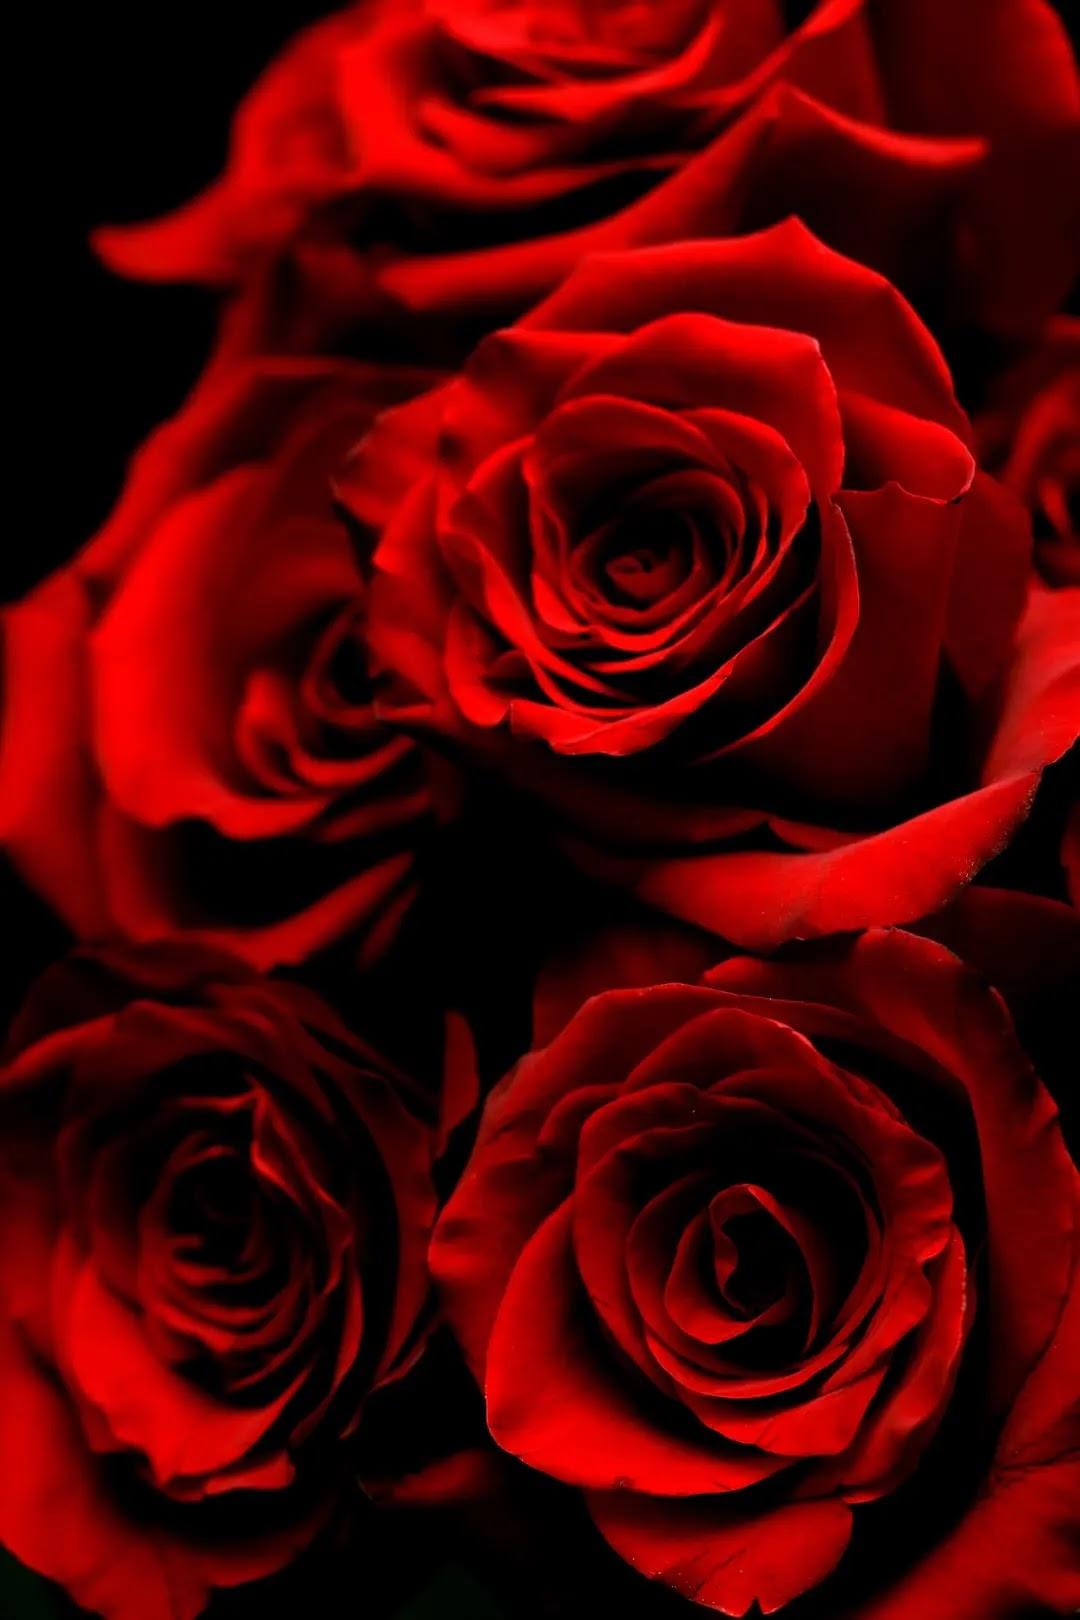 الزهور لصور الملف الشخصي 1 2